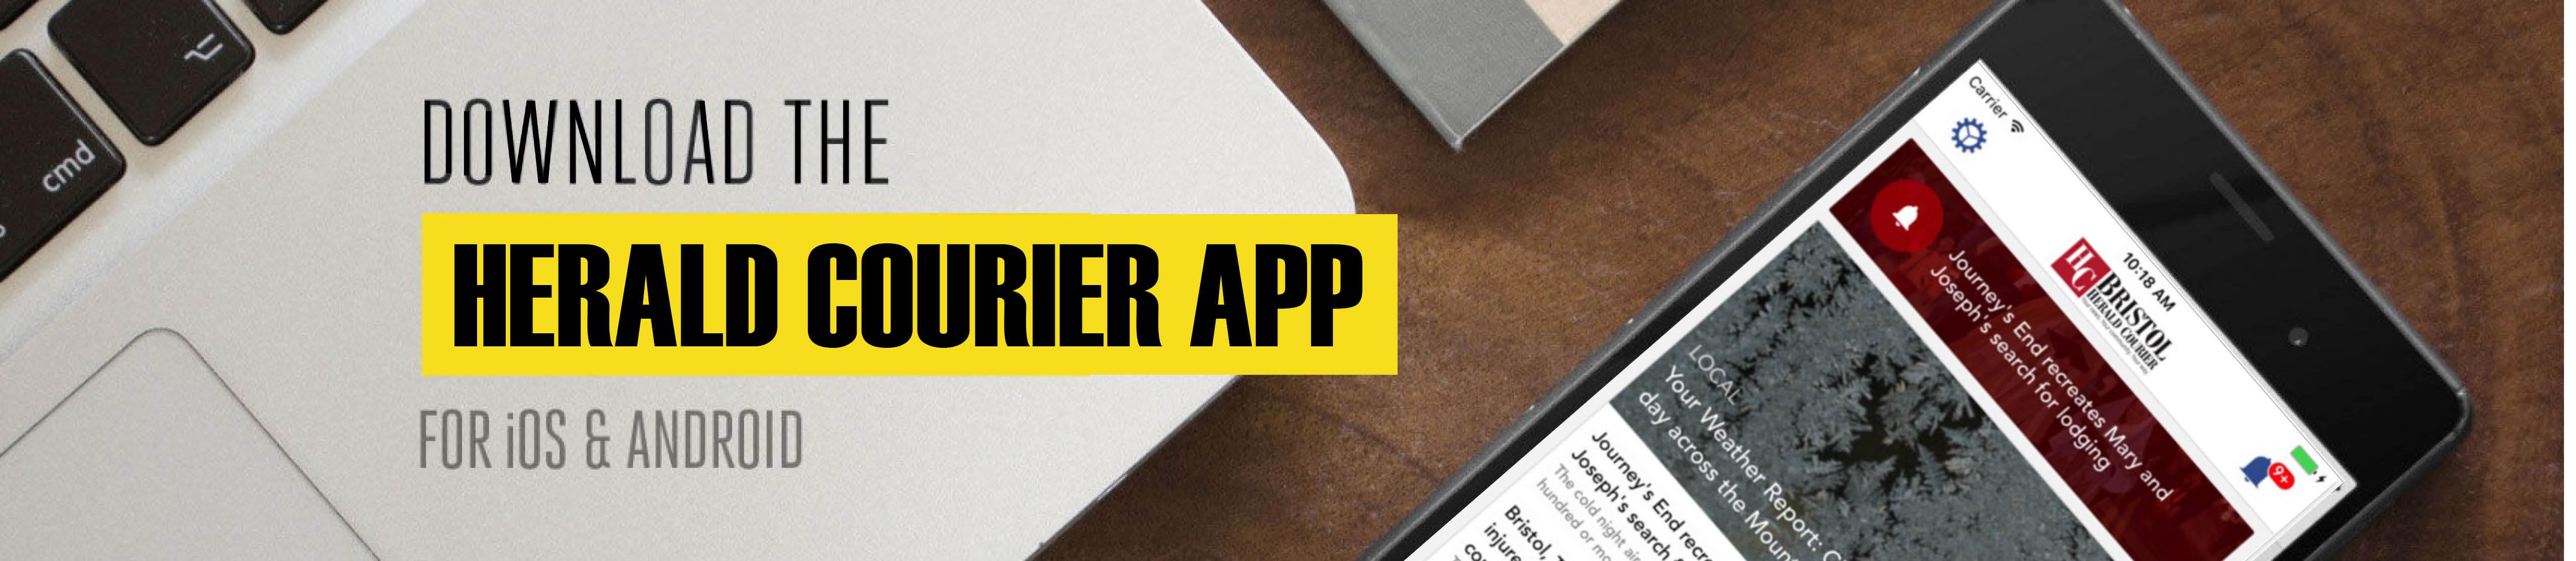 Heraldcourier.com apps